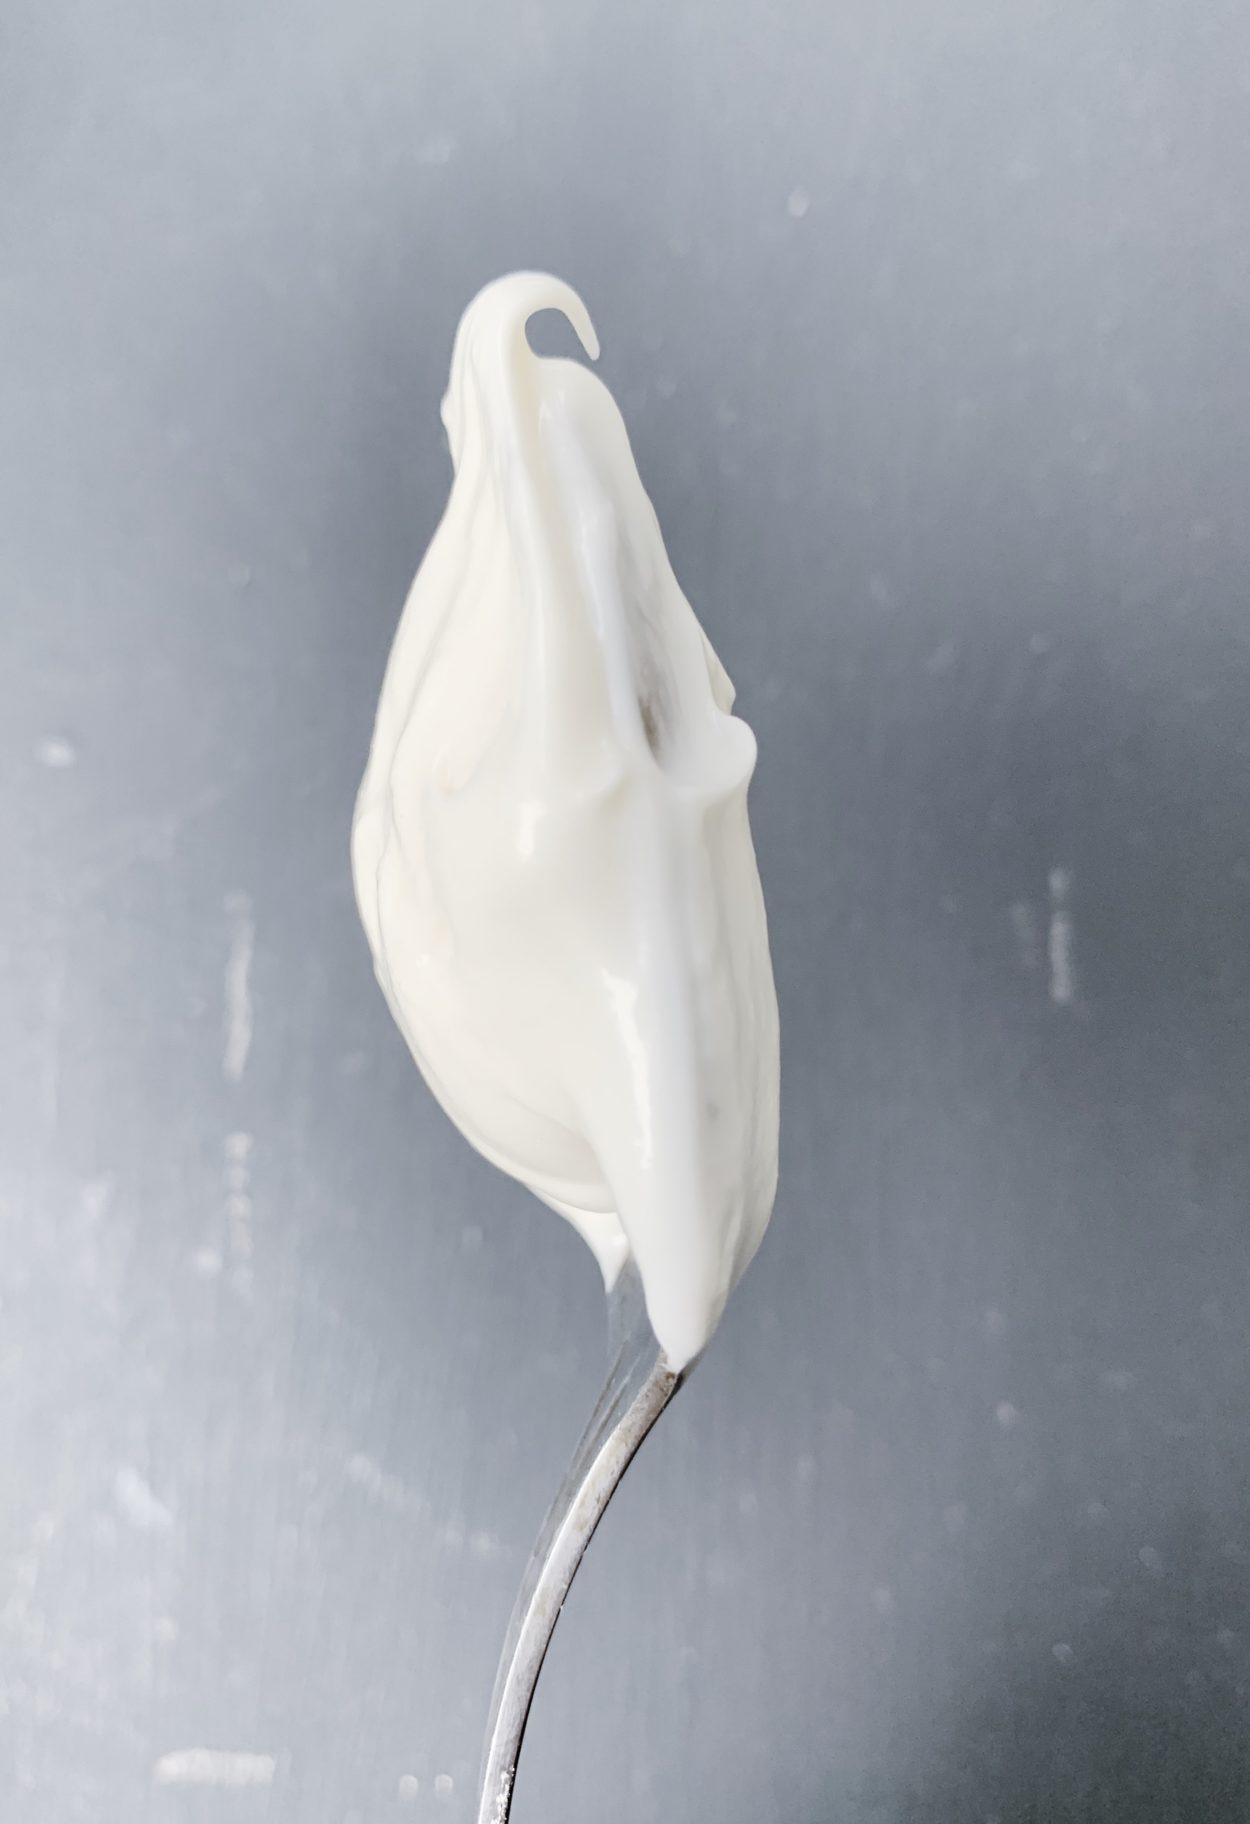 vegan-mayonnaise-recipe